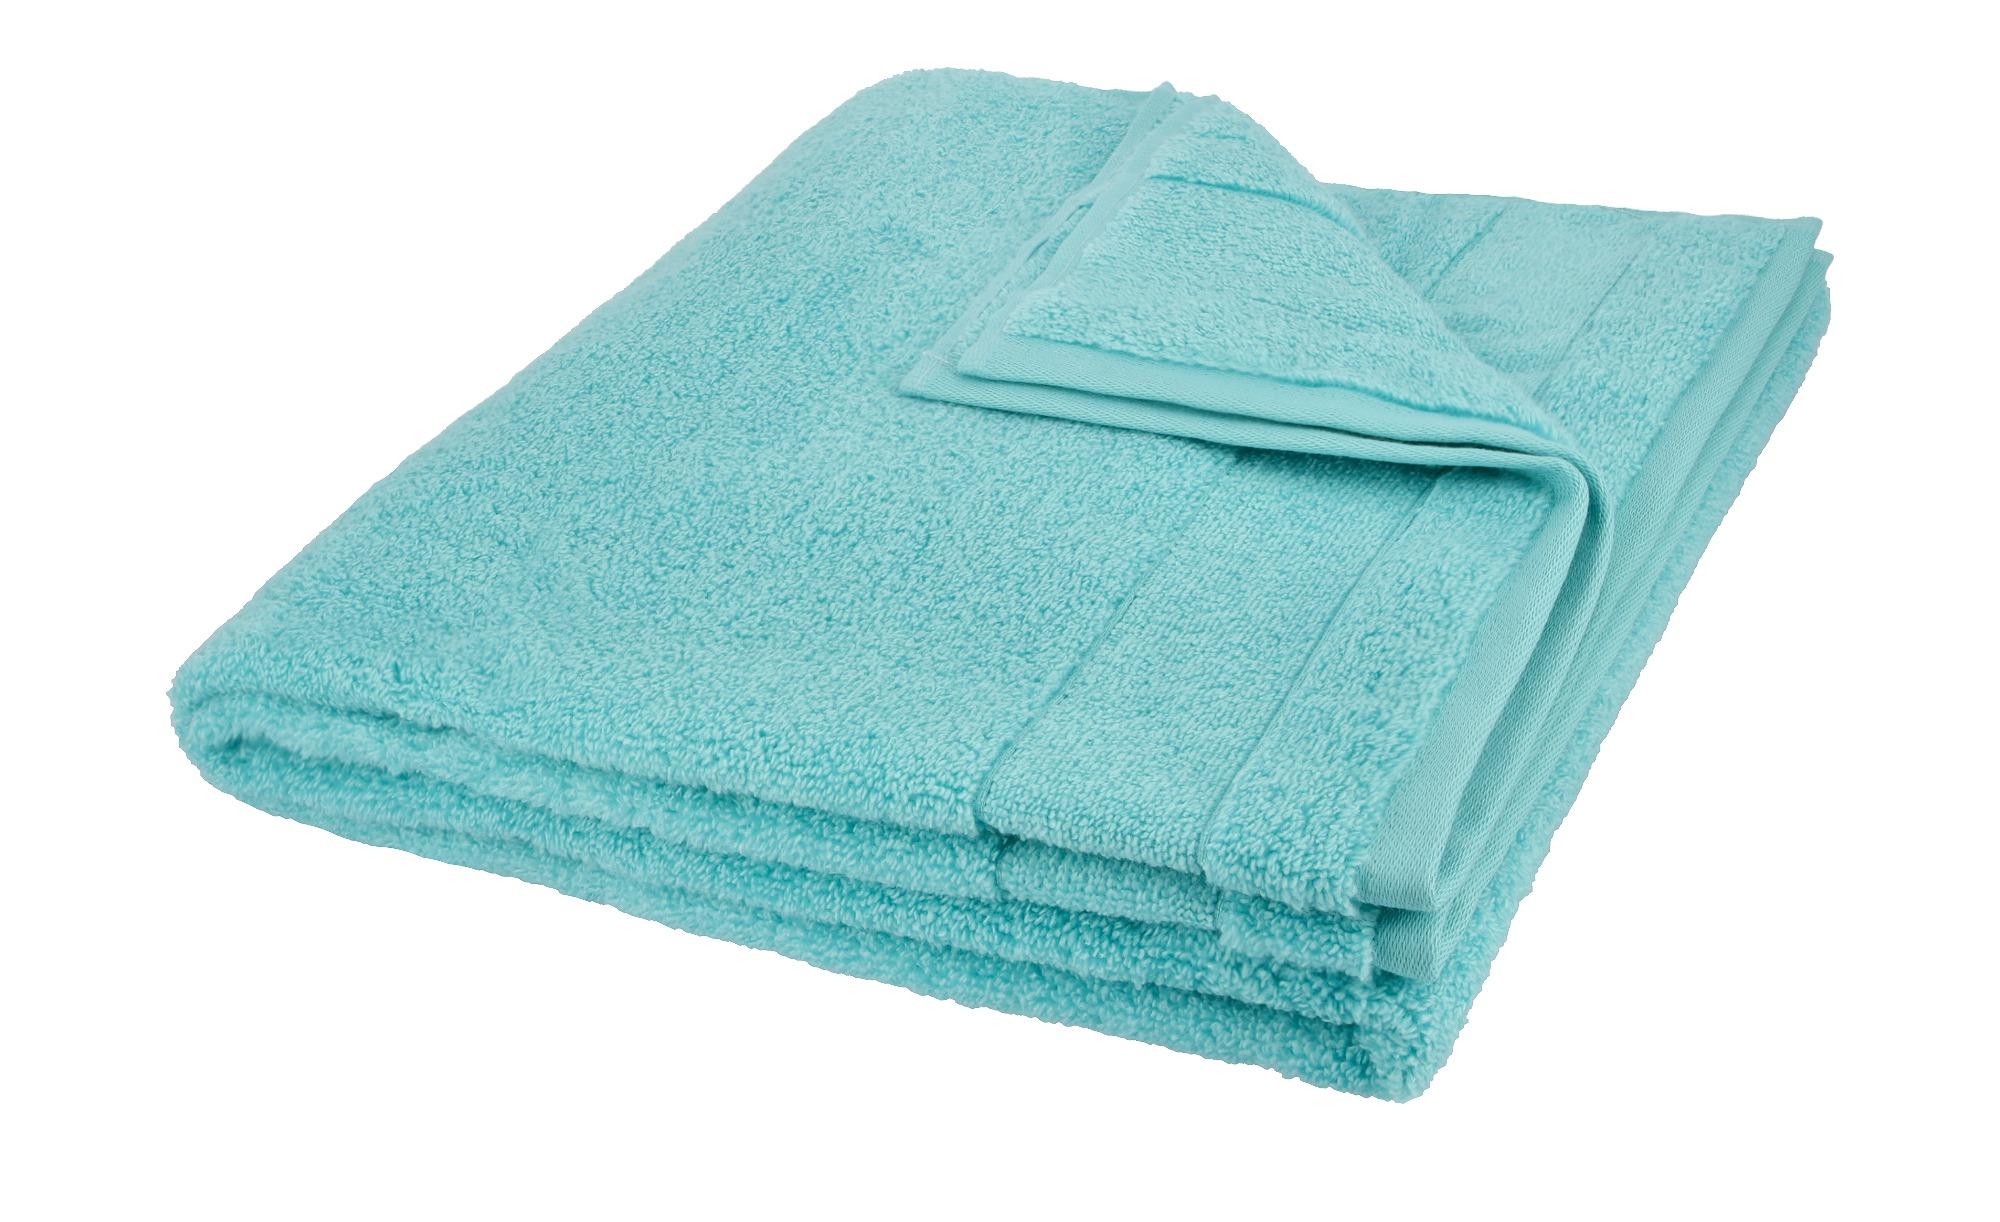 VOSSEN Duschtuch  Cloud ¦ türkis/petrol ¦ 100% Baumwolle Badtextilien und Zubehör > Handtücher & Badetücher > Handtücher - Höffner